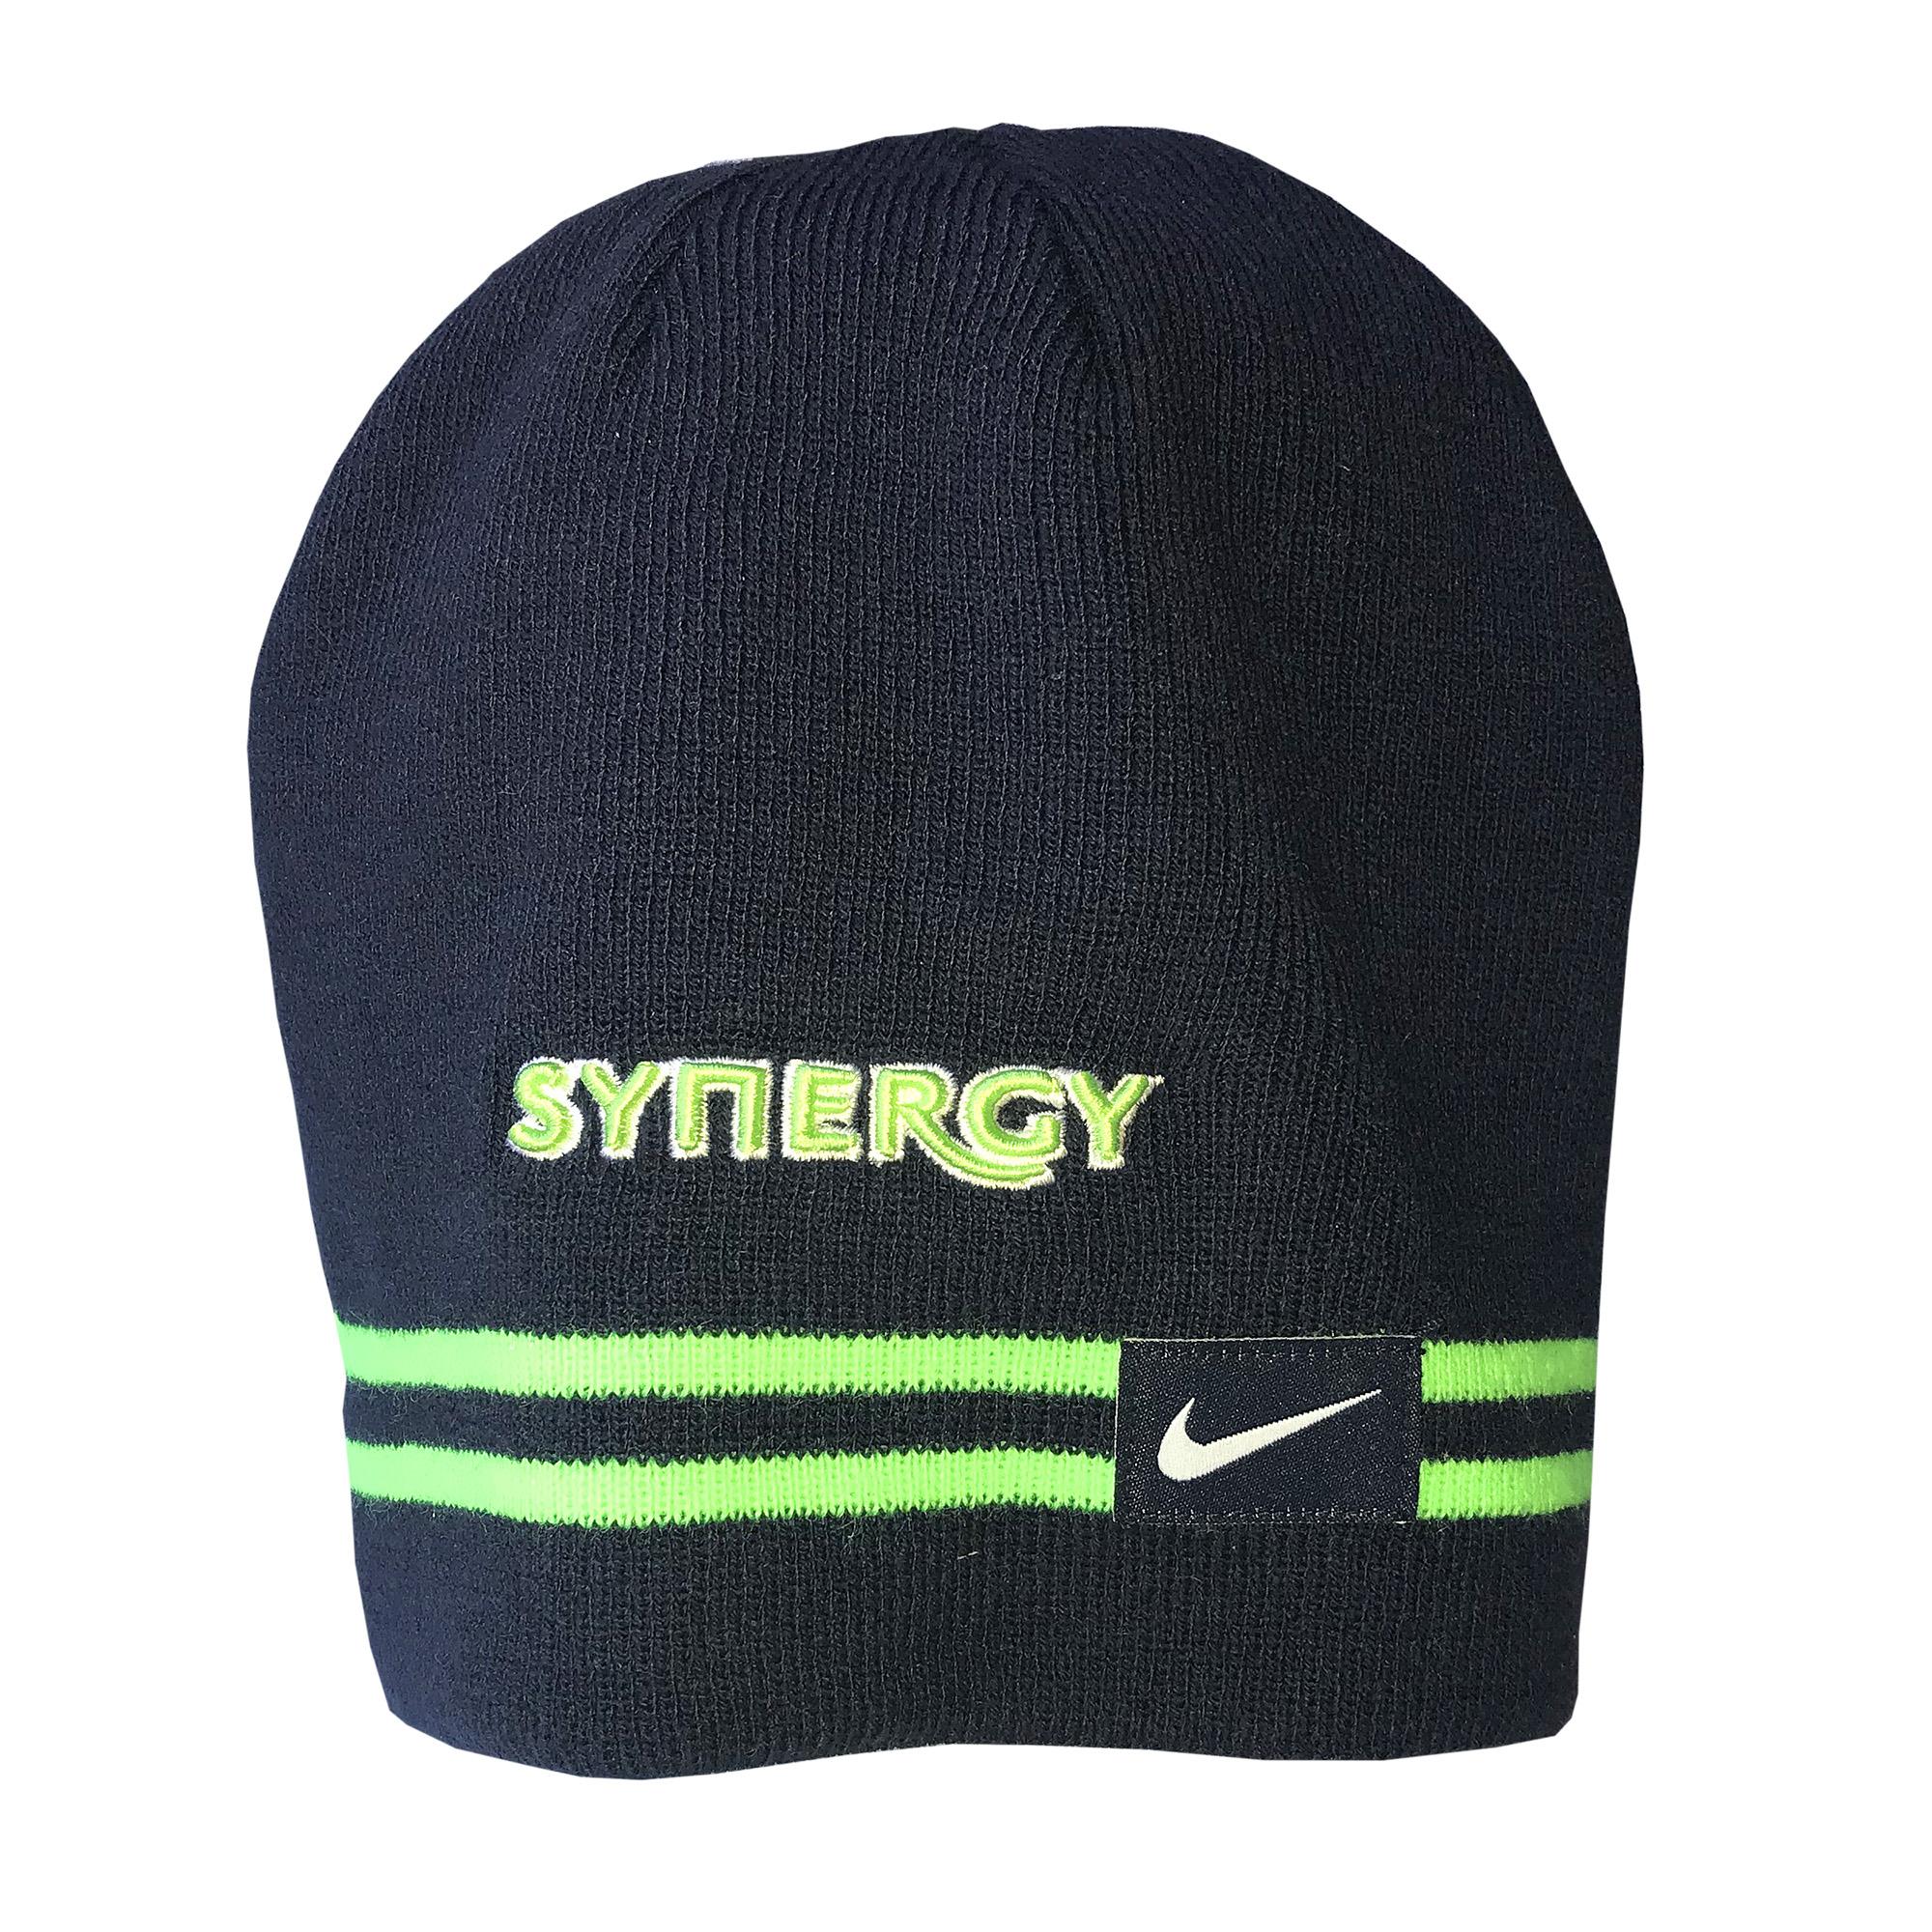 Synergy Nike Beanie